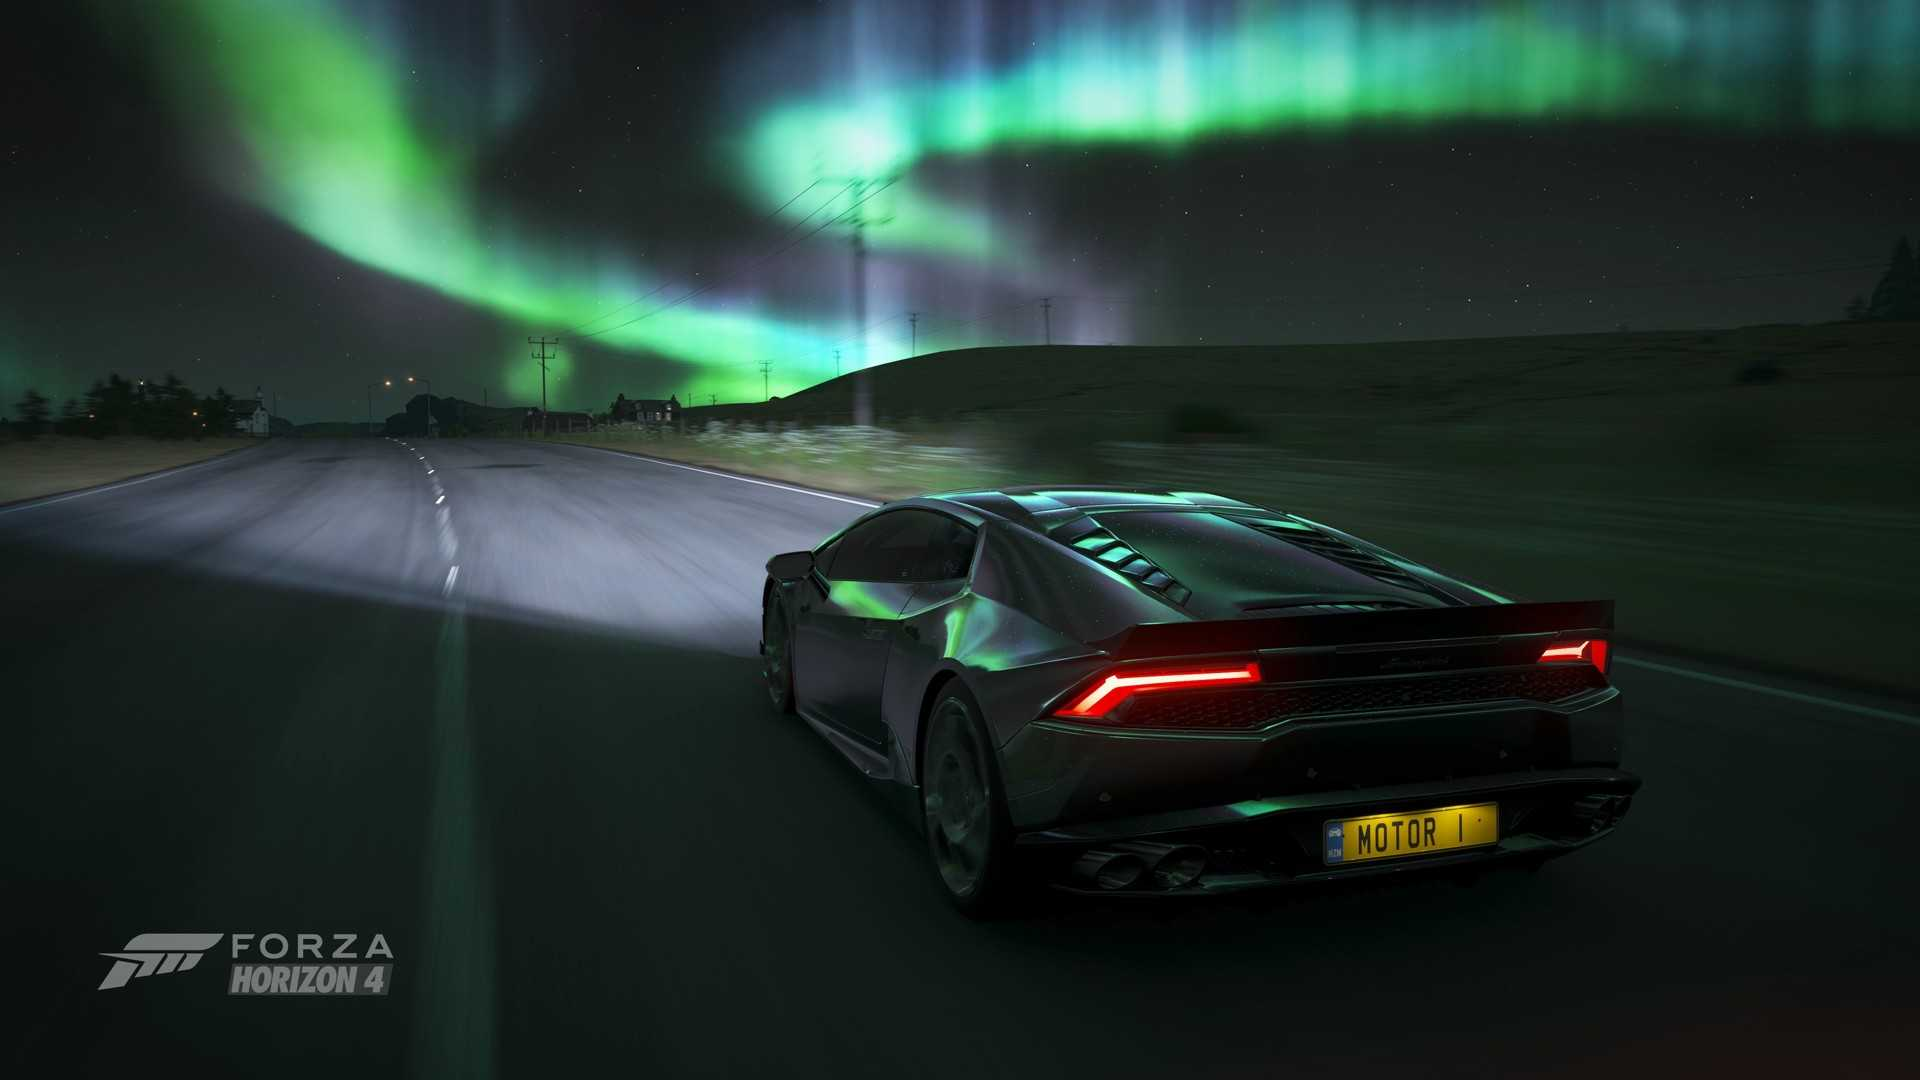 Test : Forza Horizon 4 - Fortune Island, le trésor visuel